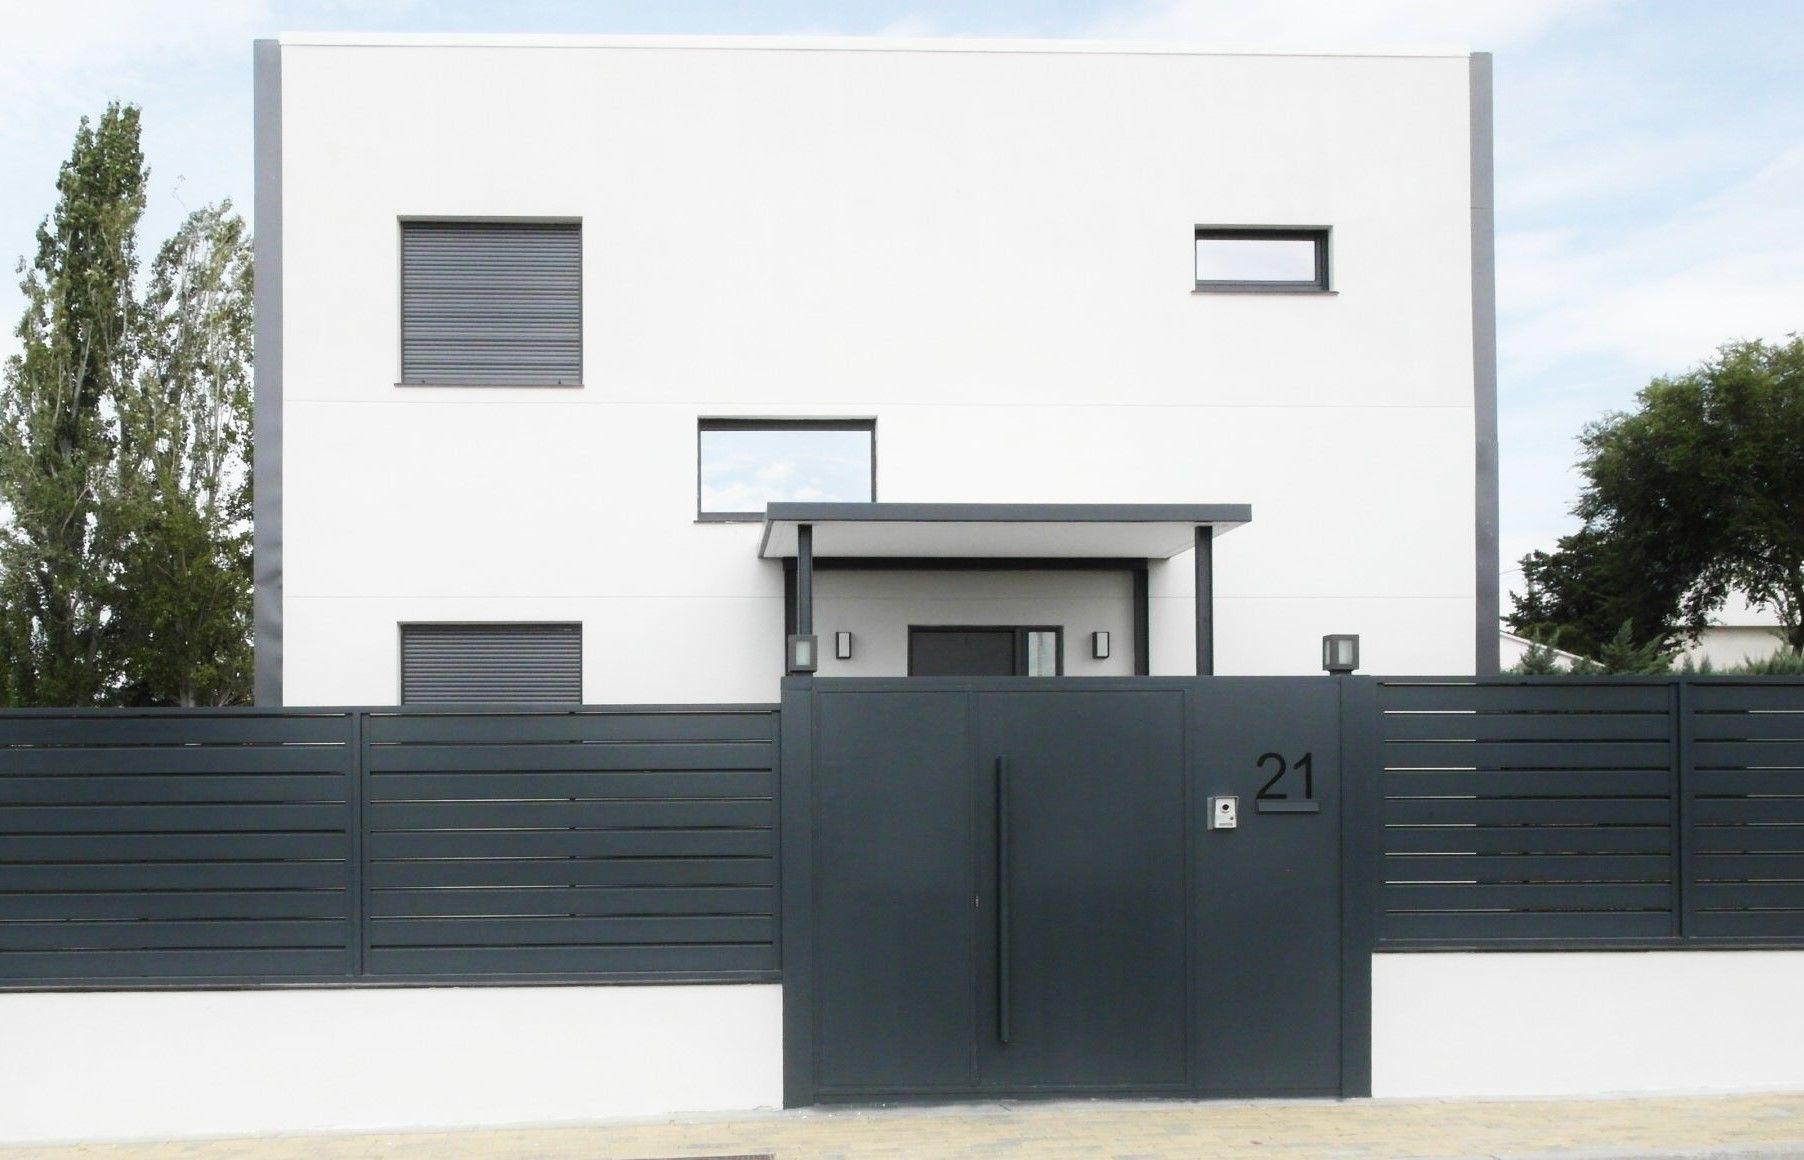 Casa prefabricada qcasa construida en madrid vivienda de - Viviendas de acero ...